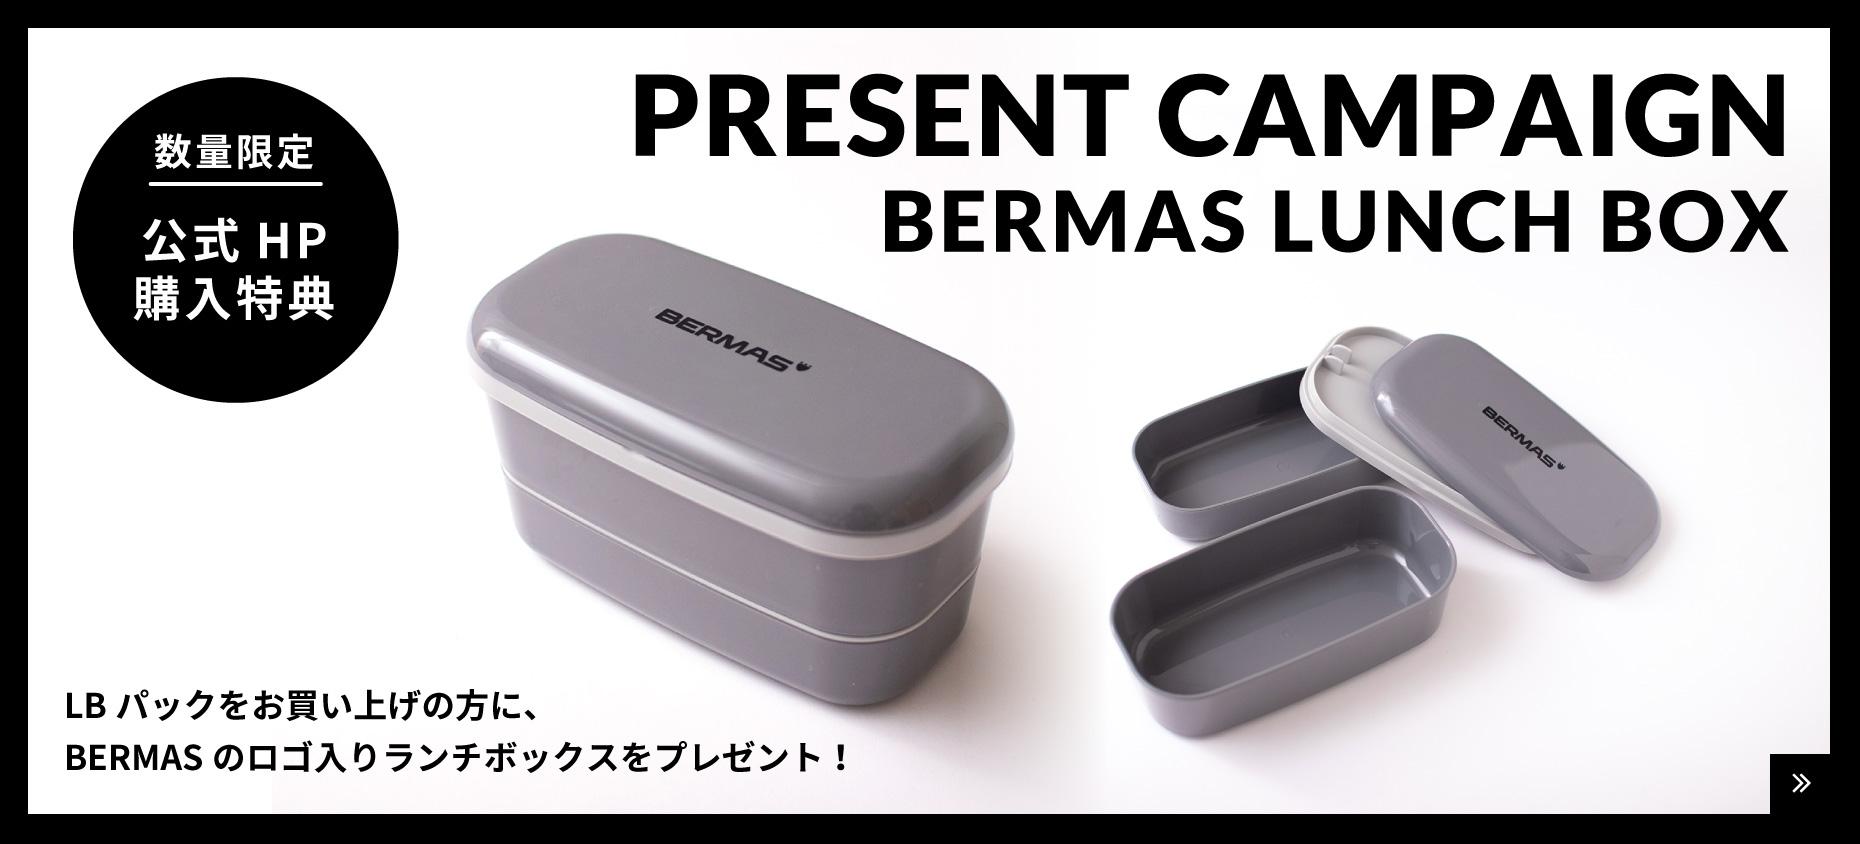 プレゼントキャンペーン BERMAS LUNCH BOX(LBパックをお買い上げの方に、BERMASのロゴ入りランチボックスをプレゼント!)